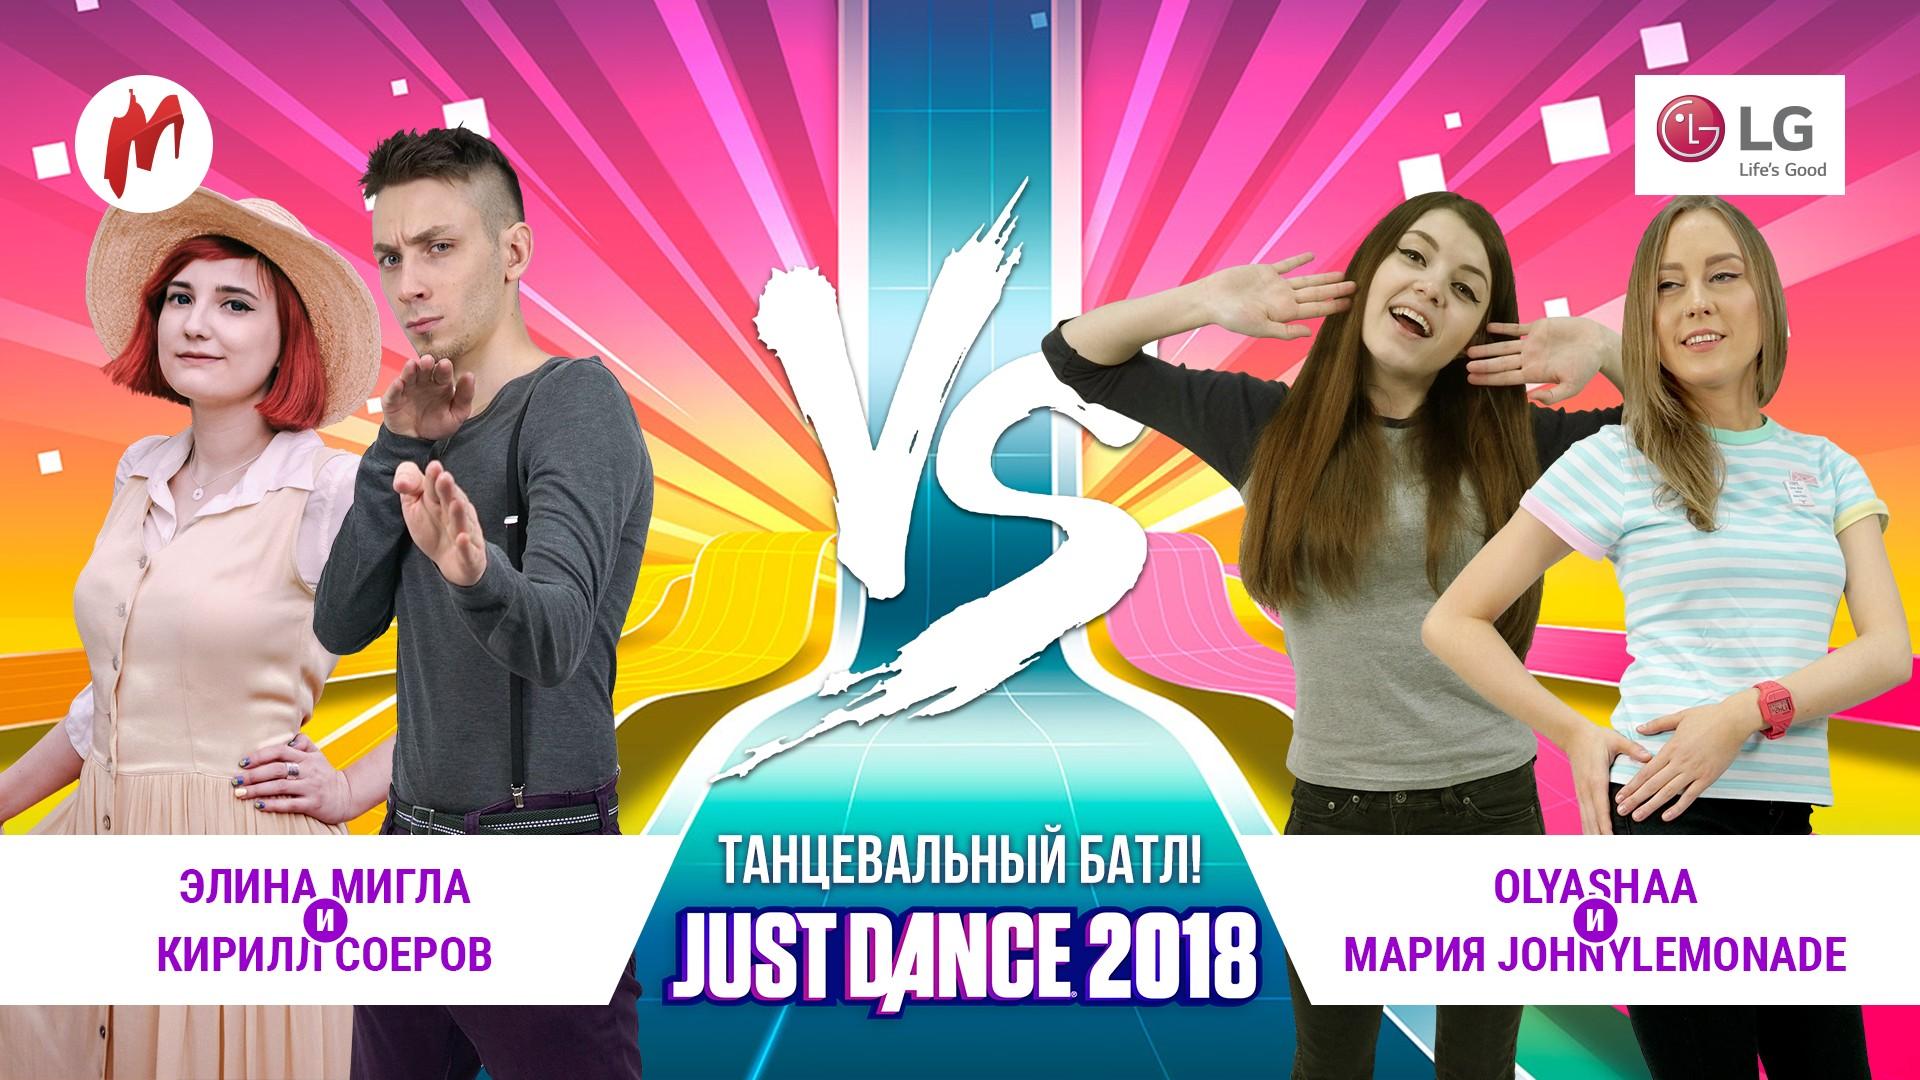 Турнир Игромании по Just Dance 2018! 1/4 финала: Кирилл Соеров & Элина Мигла vs. Olyashaa & Мария JohnnyLemonade